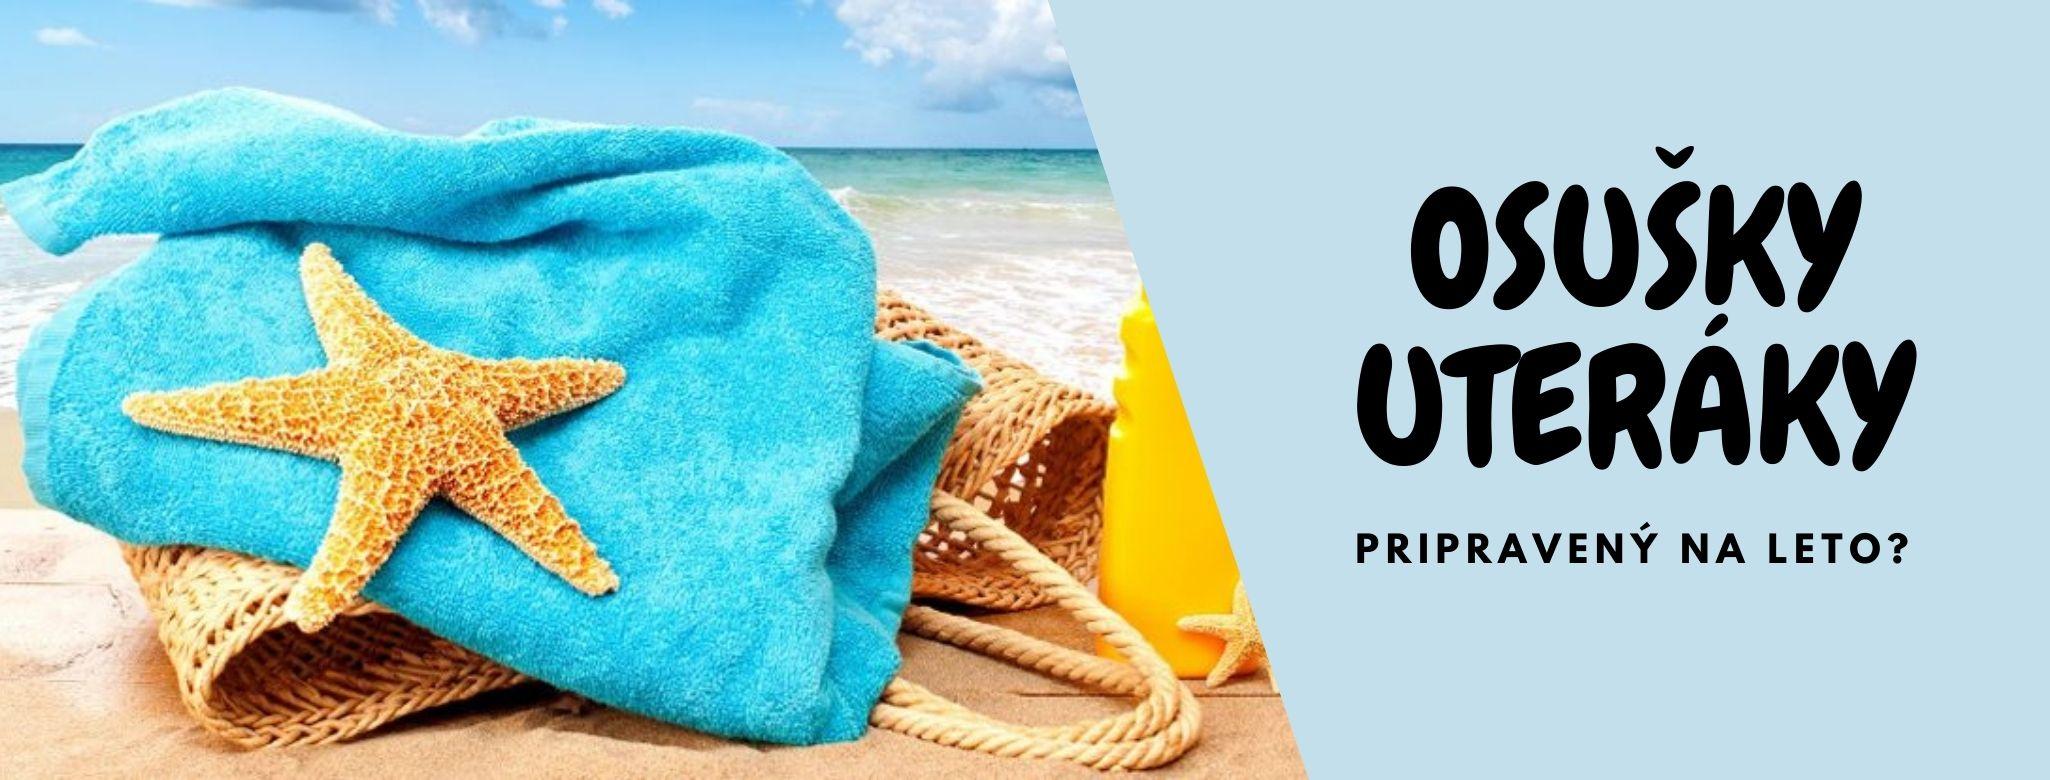 Bavlnené uteráky 50x100 cm a froté osušky 70x140 cm